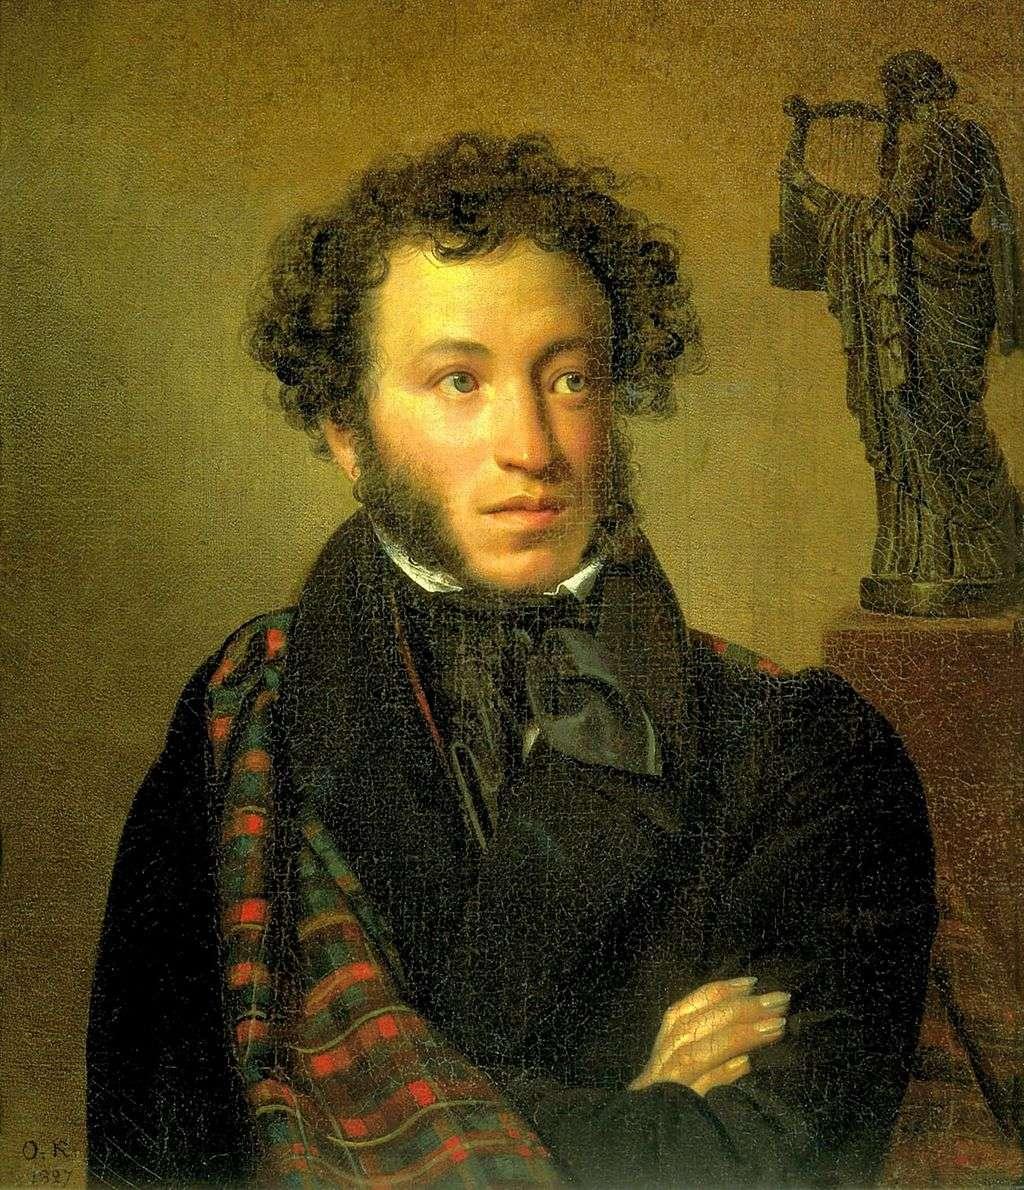 Alexander Pushkin, by Orest Kripensky